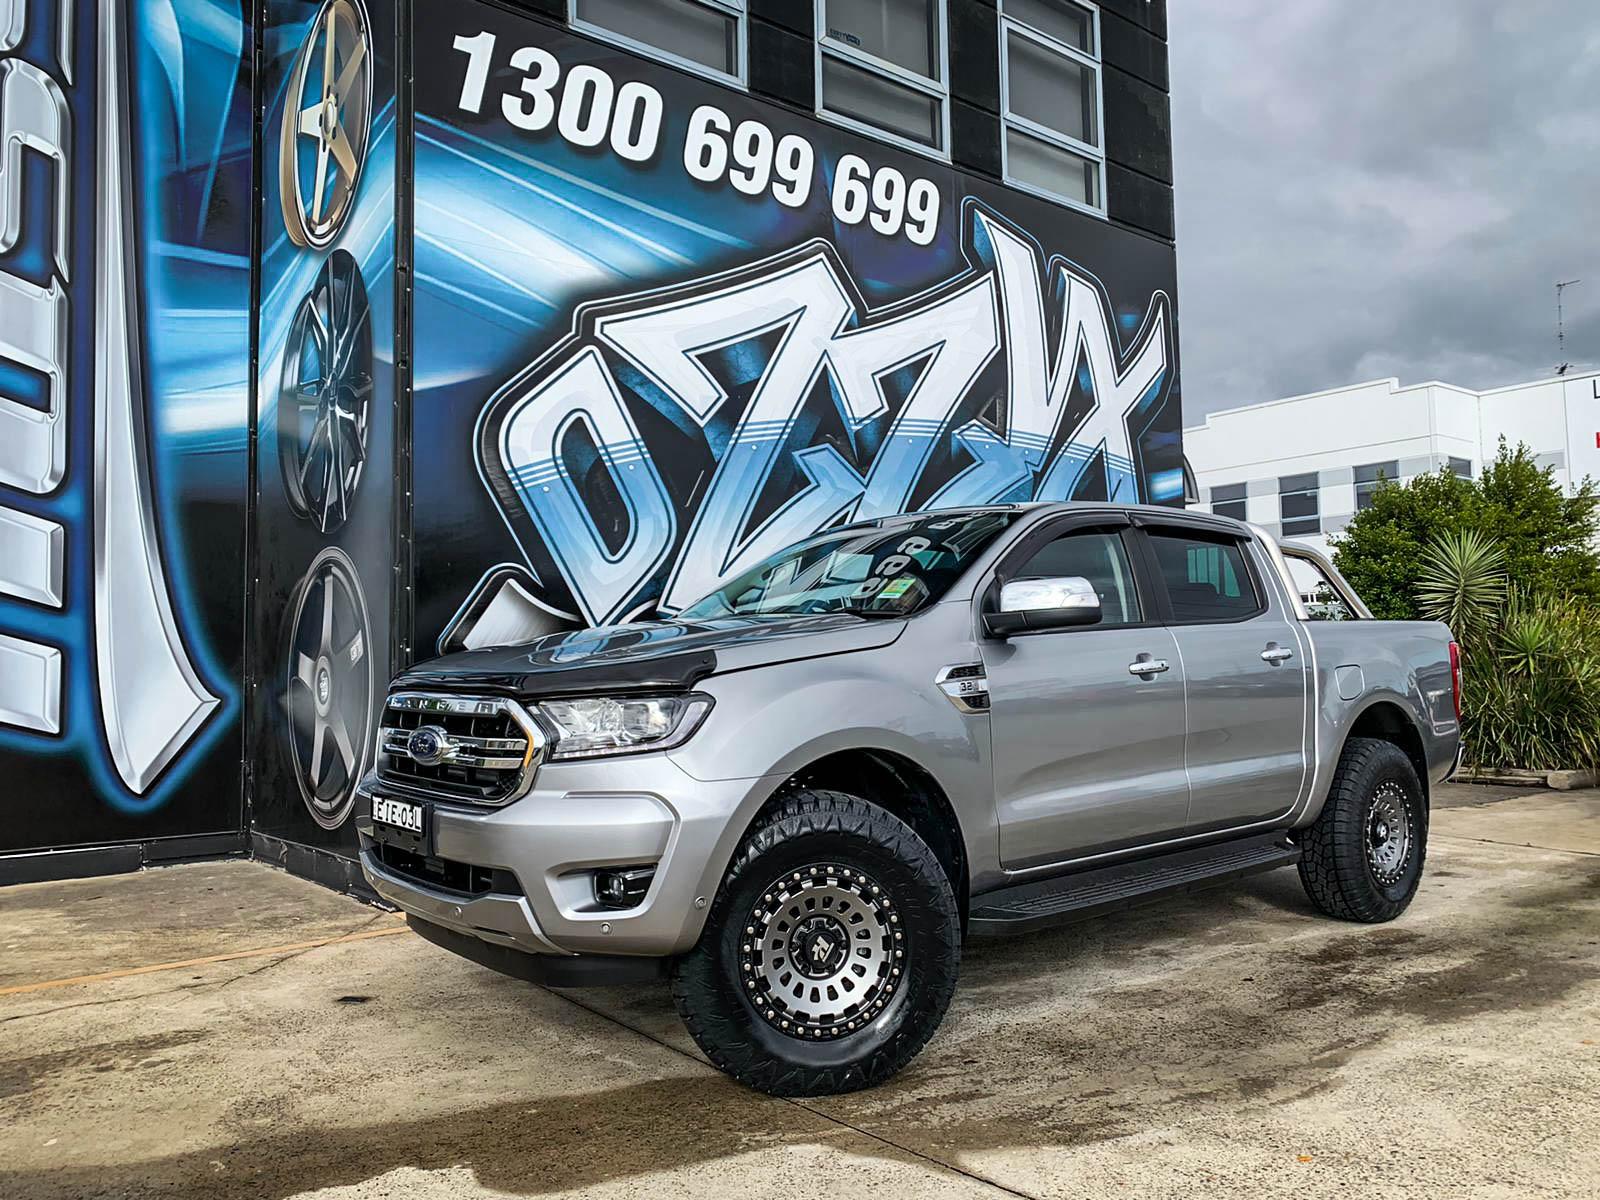 Ford ranger on hussla strikeforce matte grey1